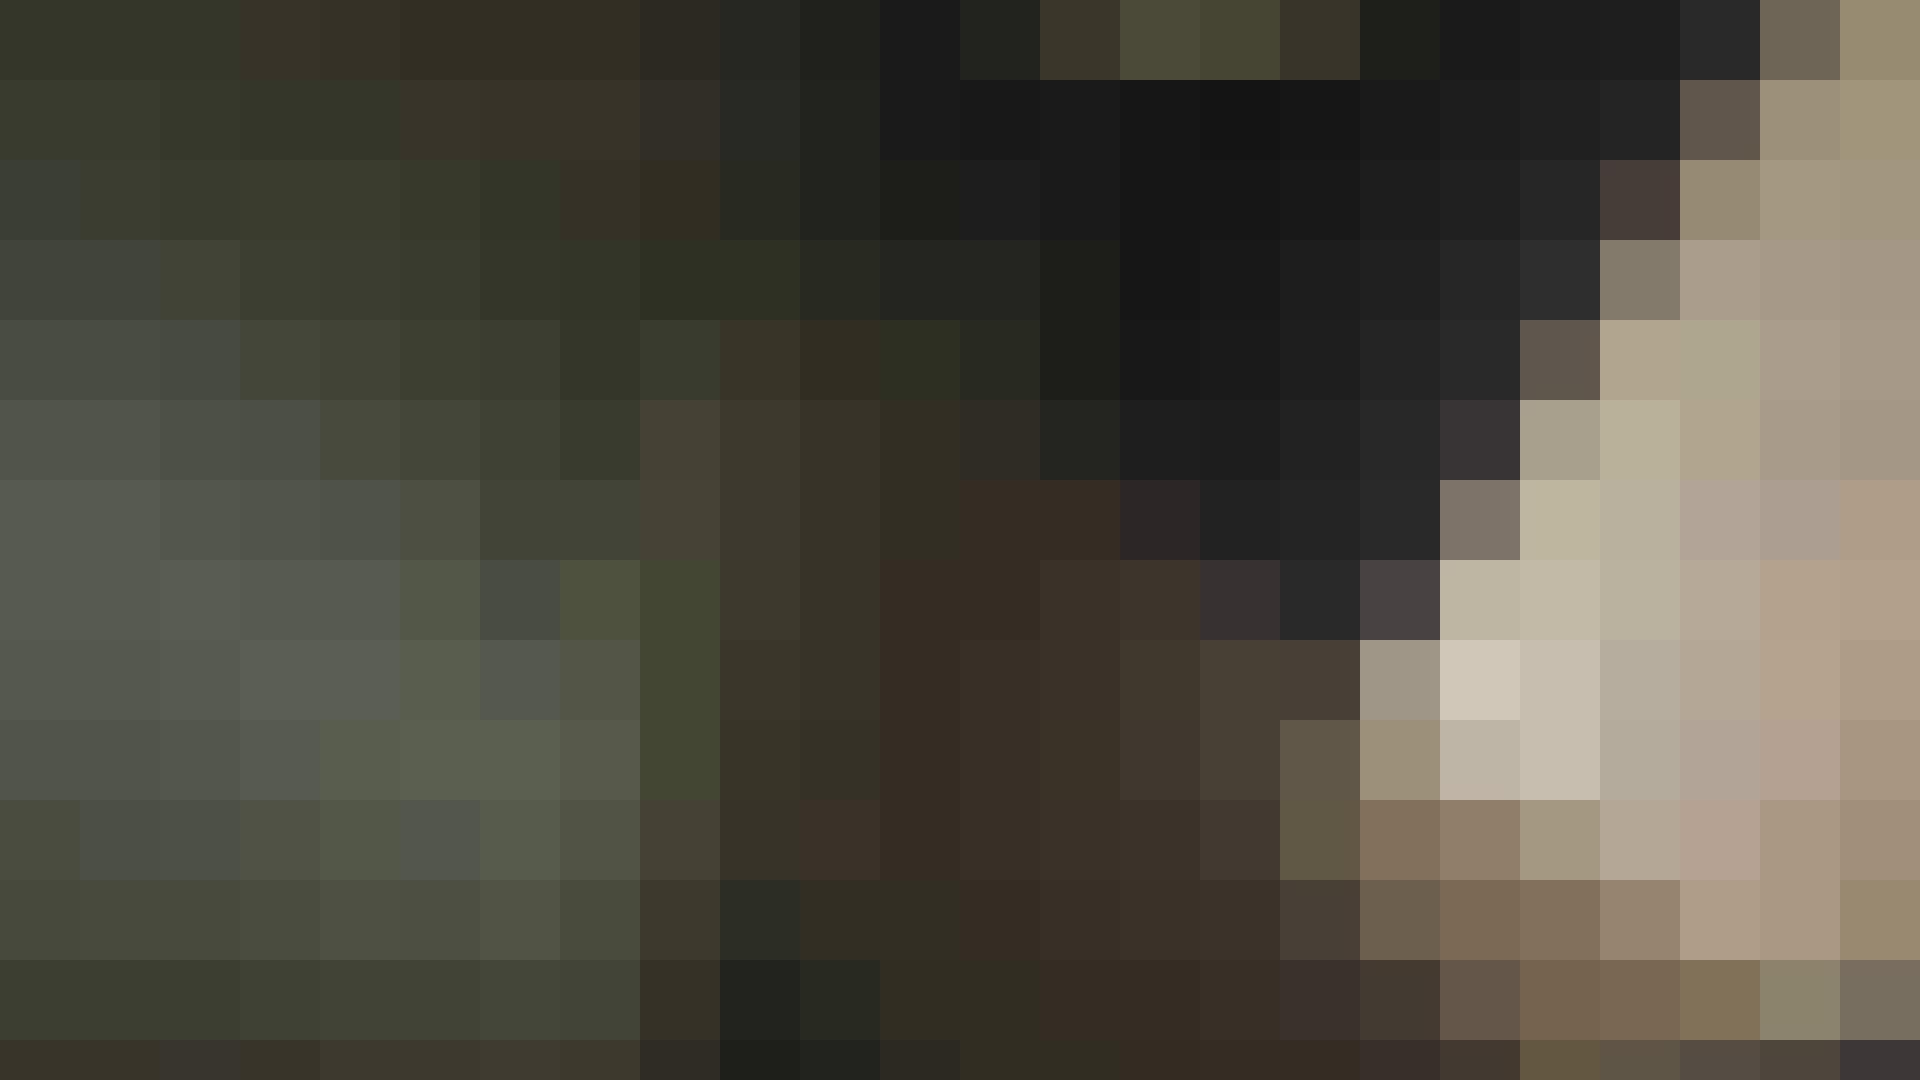 阿国ちゃんの「和式洋式七変化」No.18 iBO(フタコブ) 和式  99pic 16